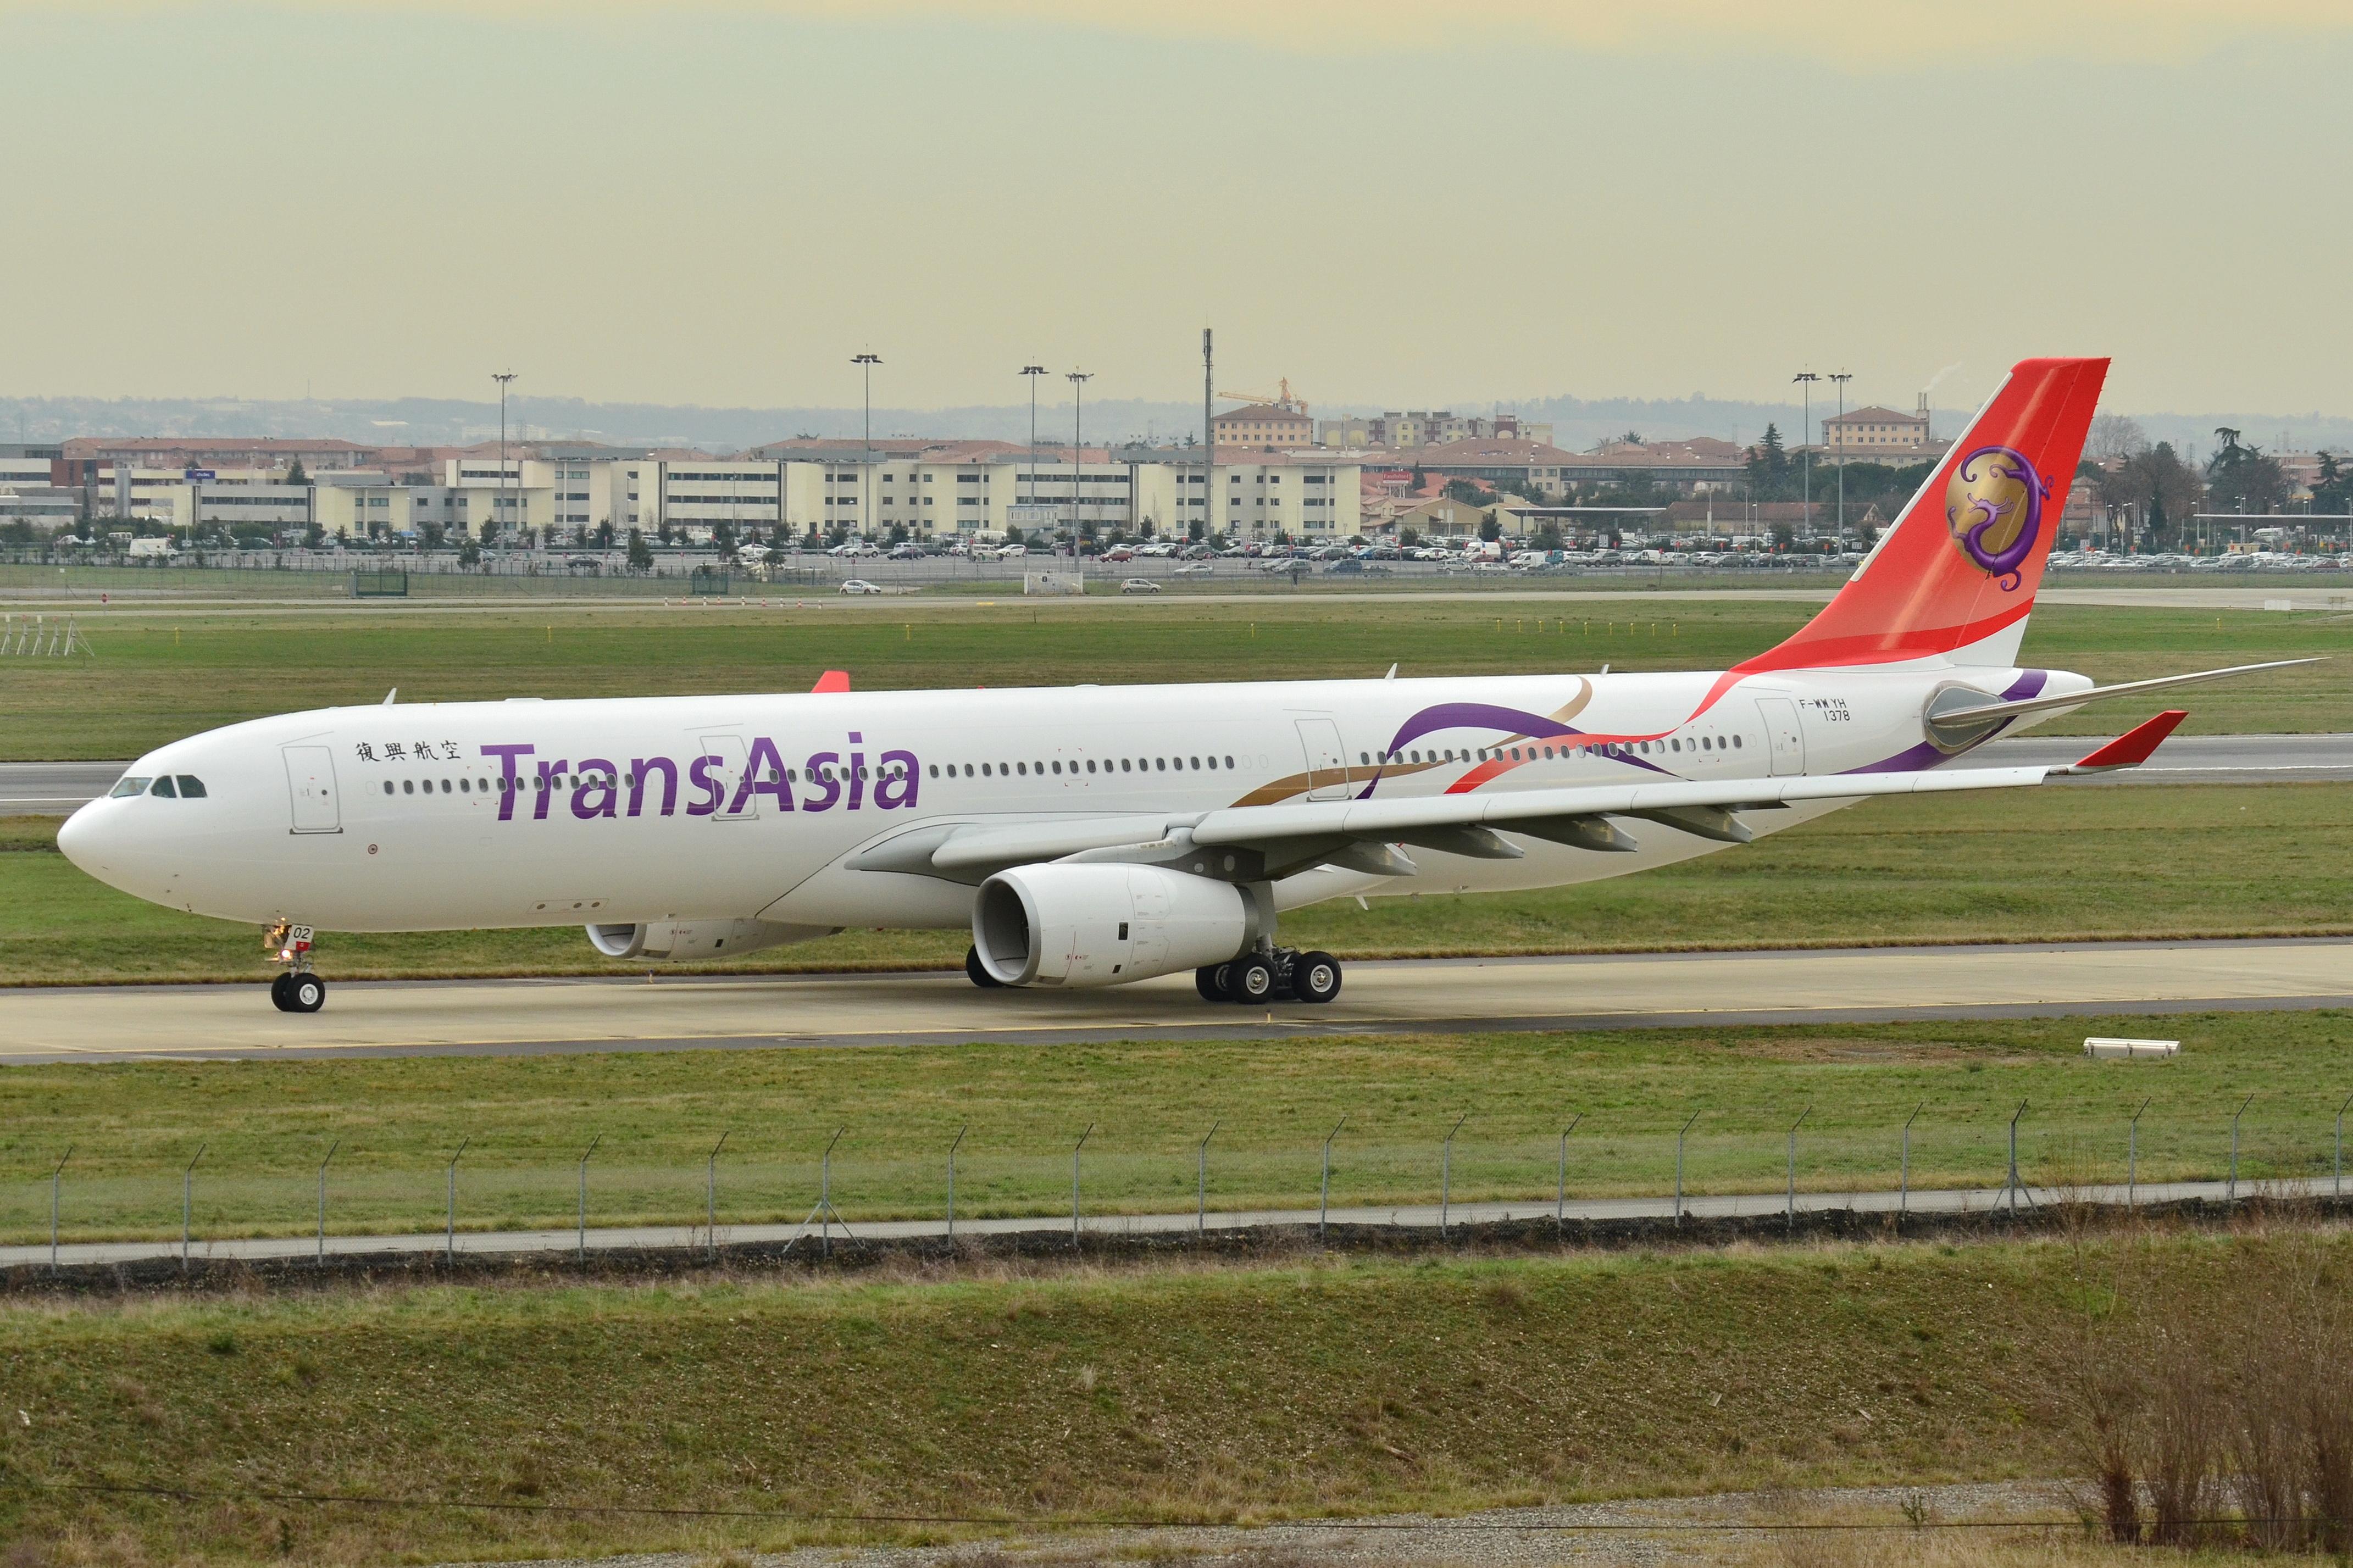 airbus_a330-300_transasia_airways_-_f-wwyh_-_msn_1378_10313155795